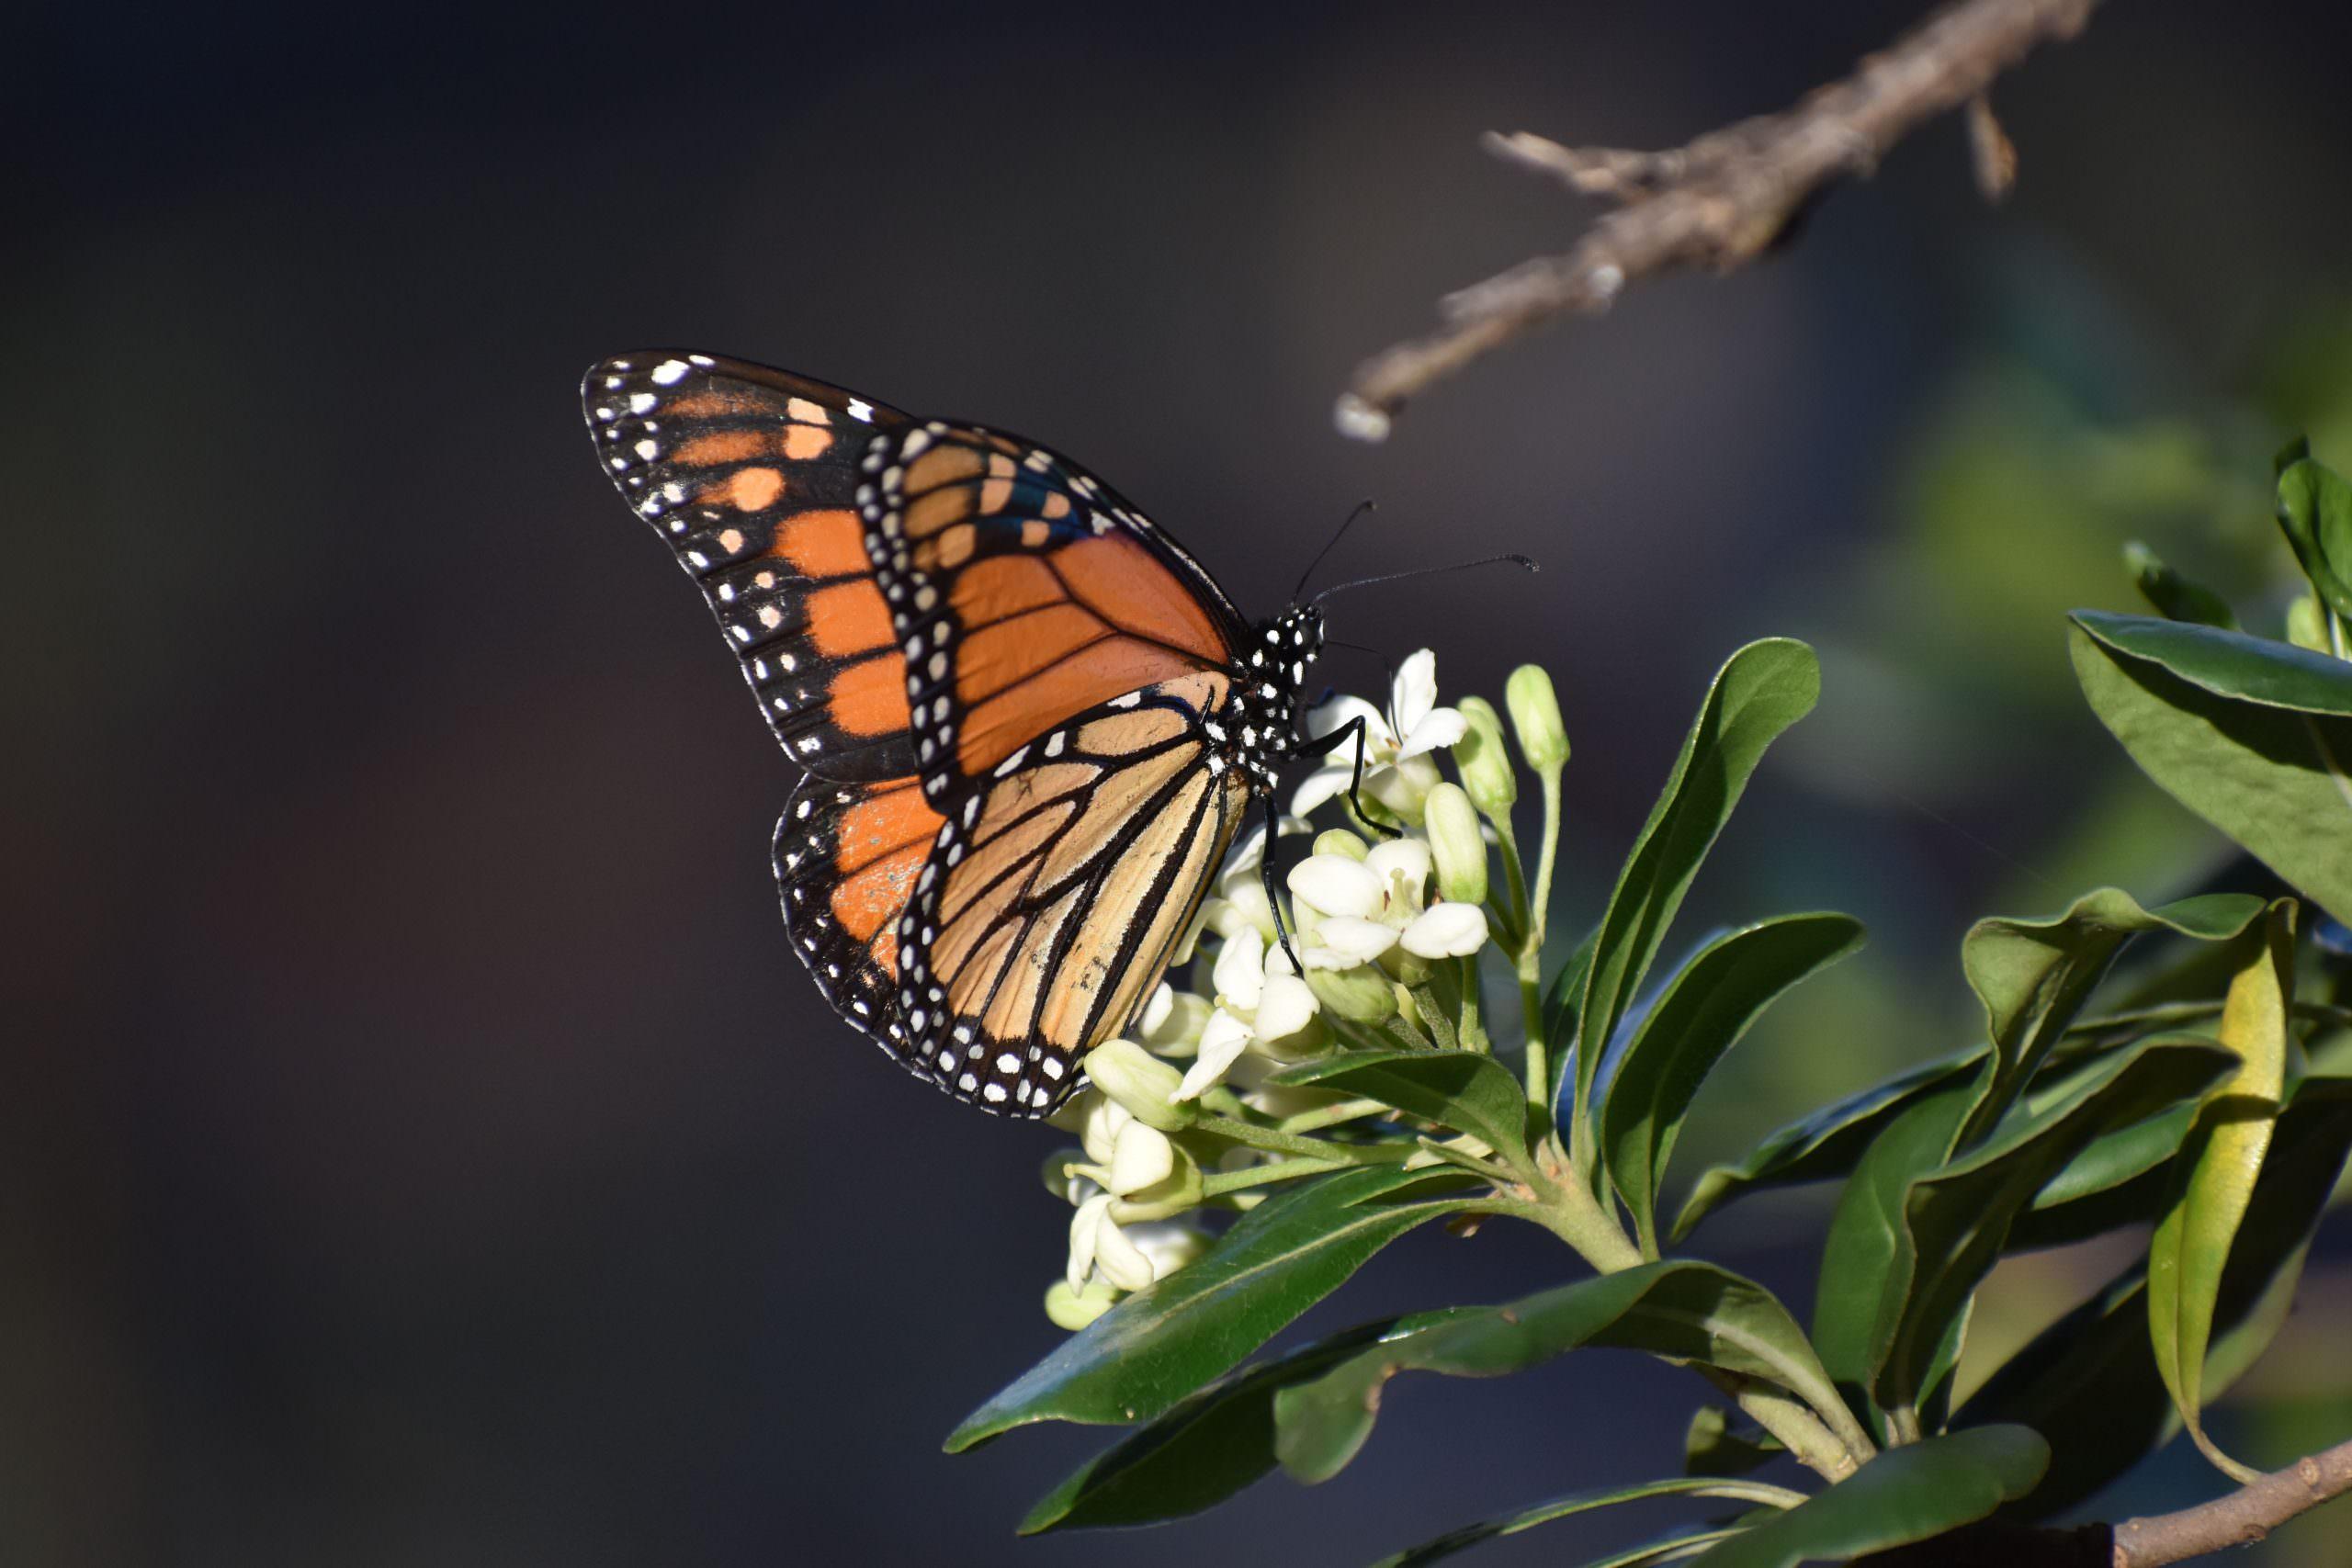 Butterflies Monarch photo by Chris Halsch